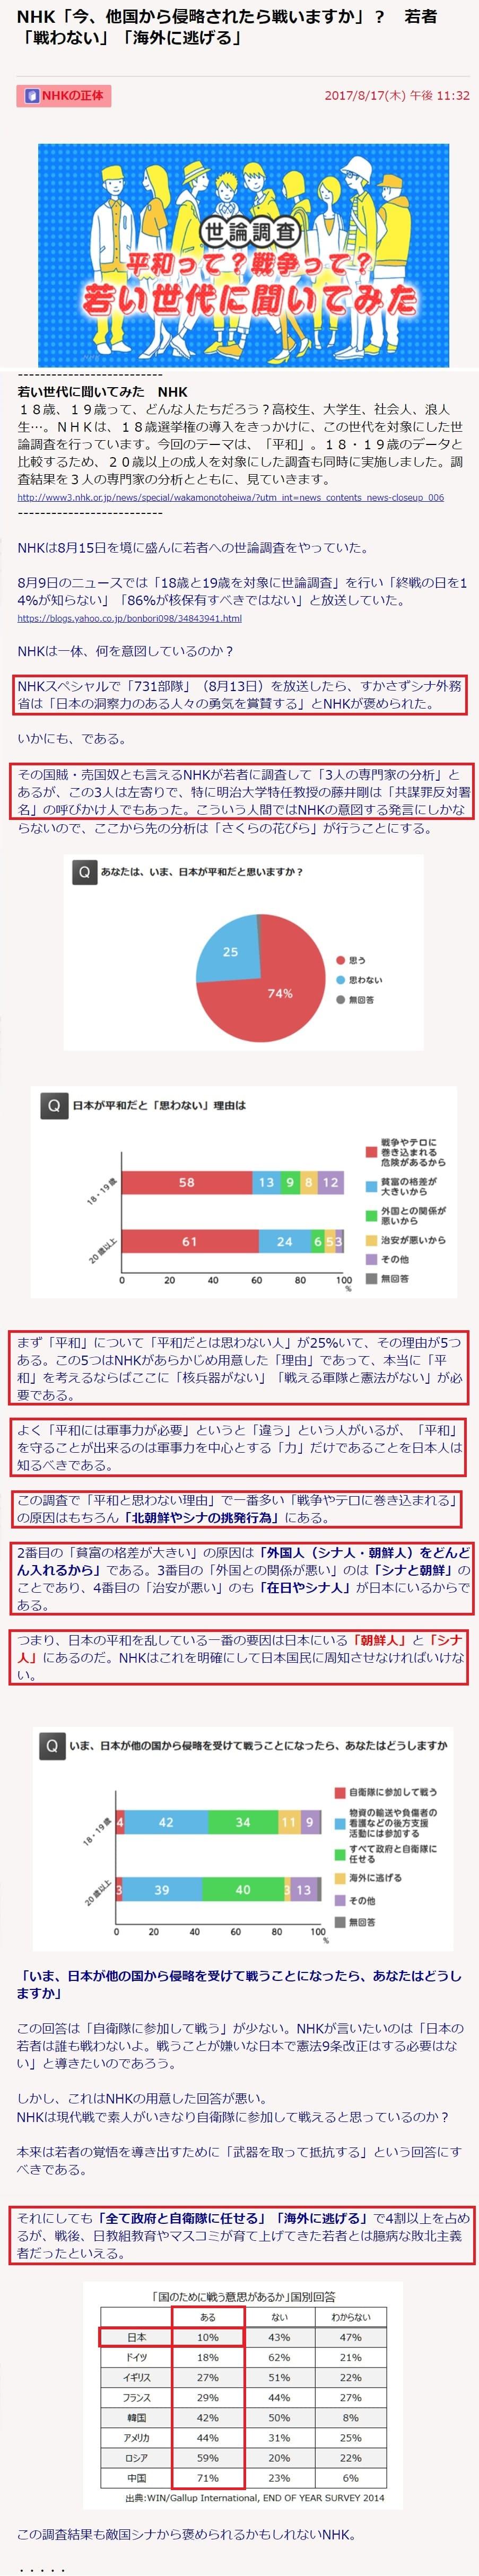 NHKによる日本人腑抜け化洗脳 (1)